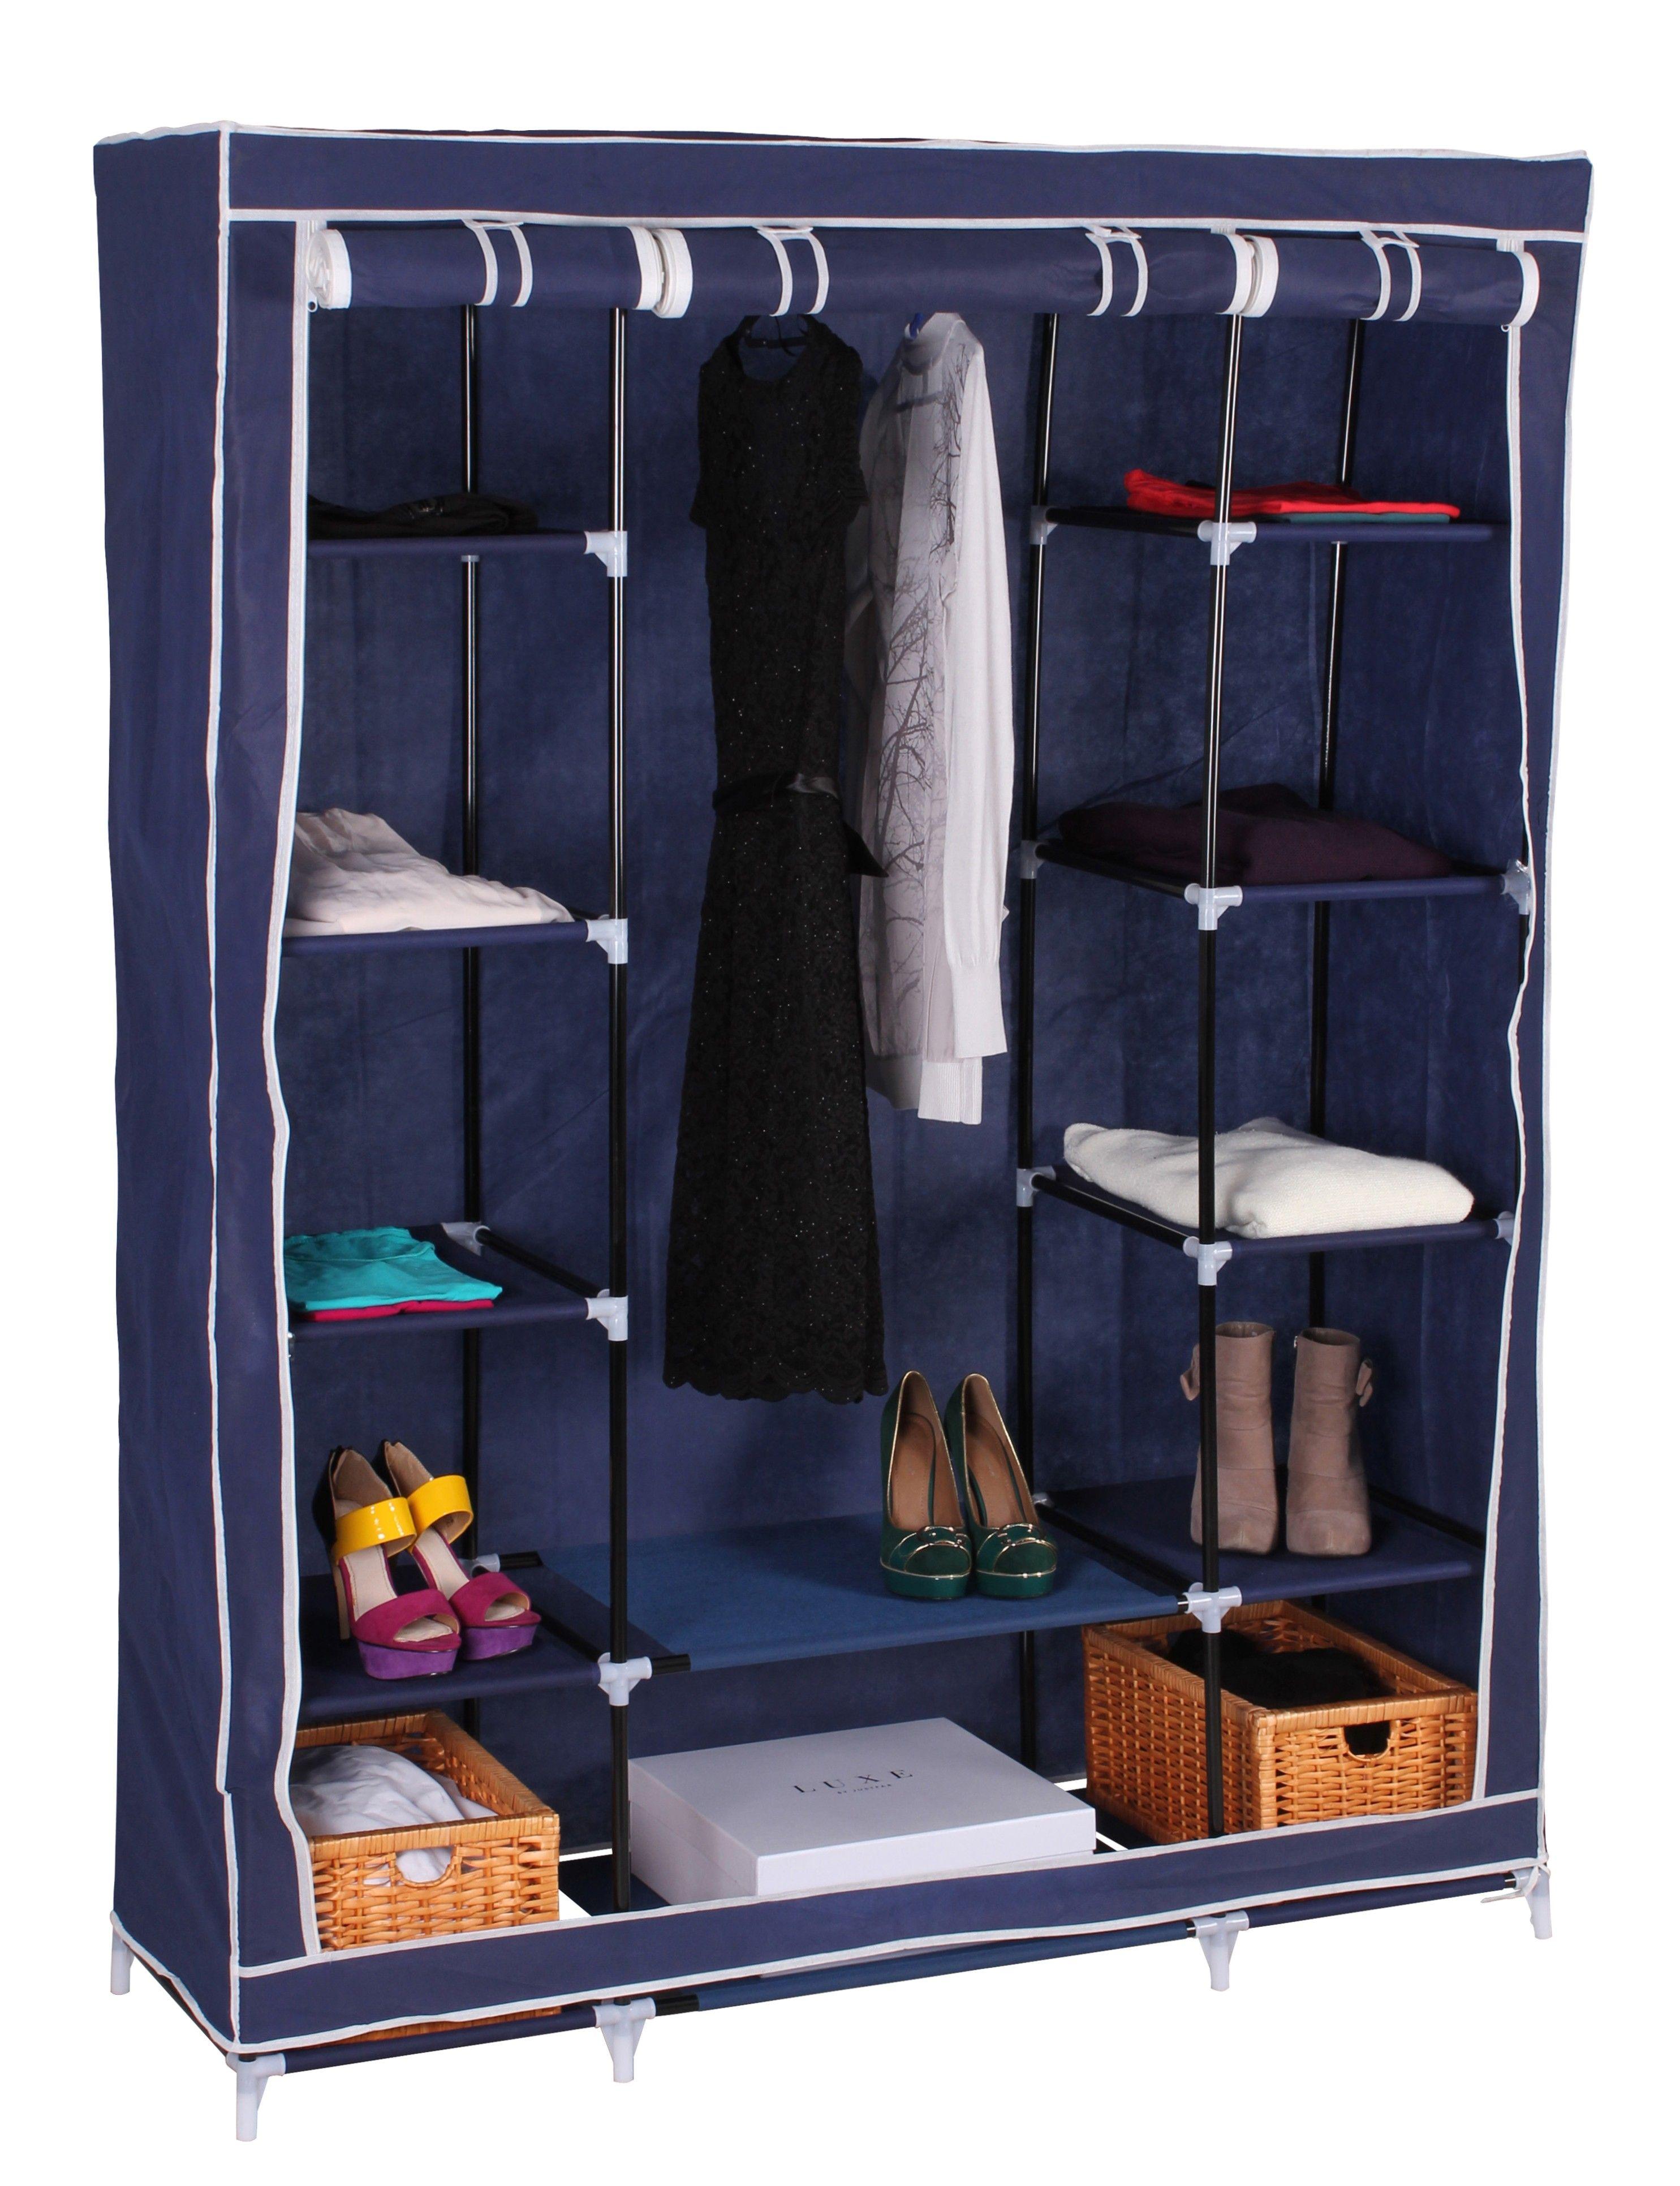 Textil Kleiderschrank Campingschrank mit Fächern Blau | Ambience ...